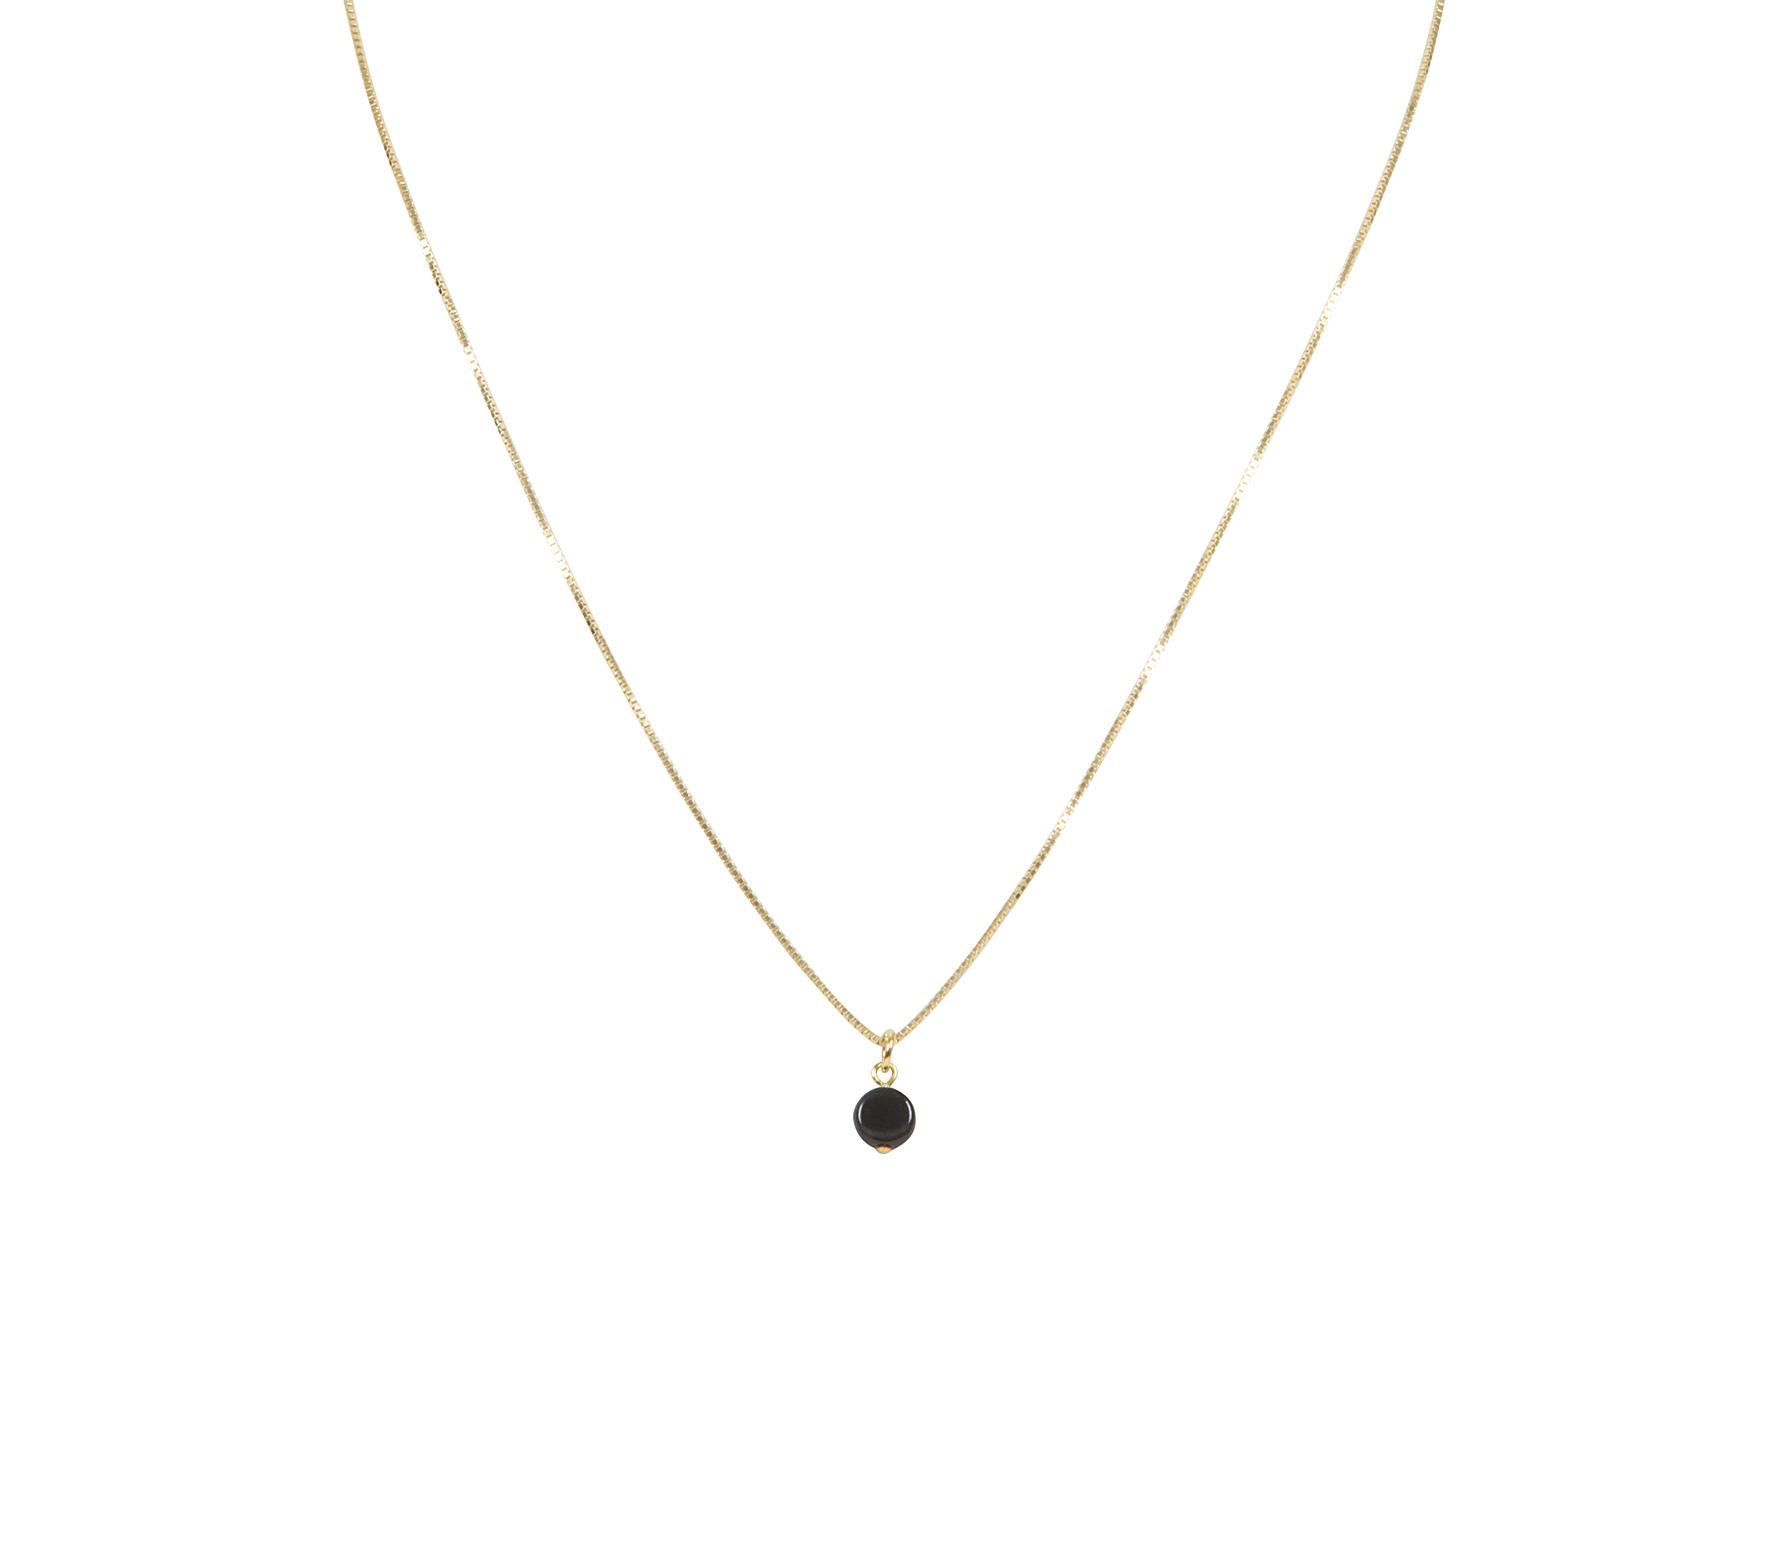 Ellen Beekmans ketting kort 45 cm met hanger zwart goudkleurig